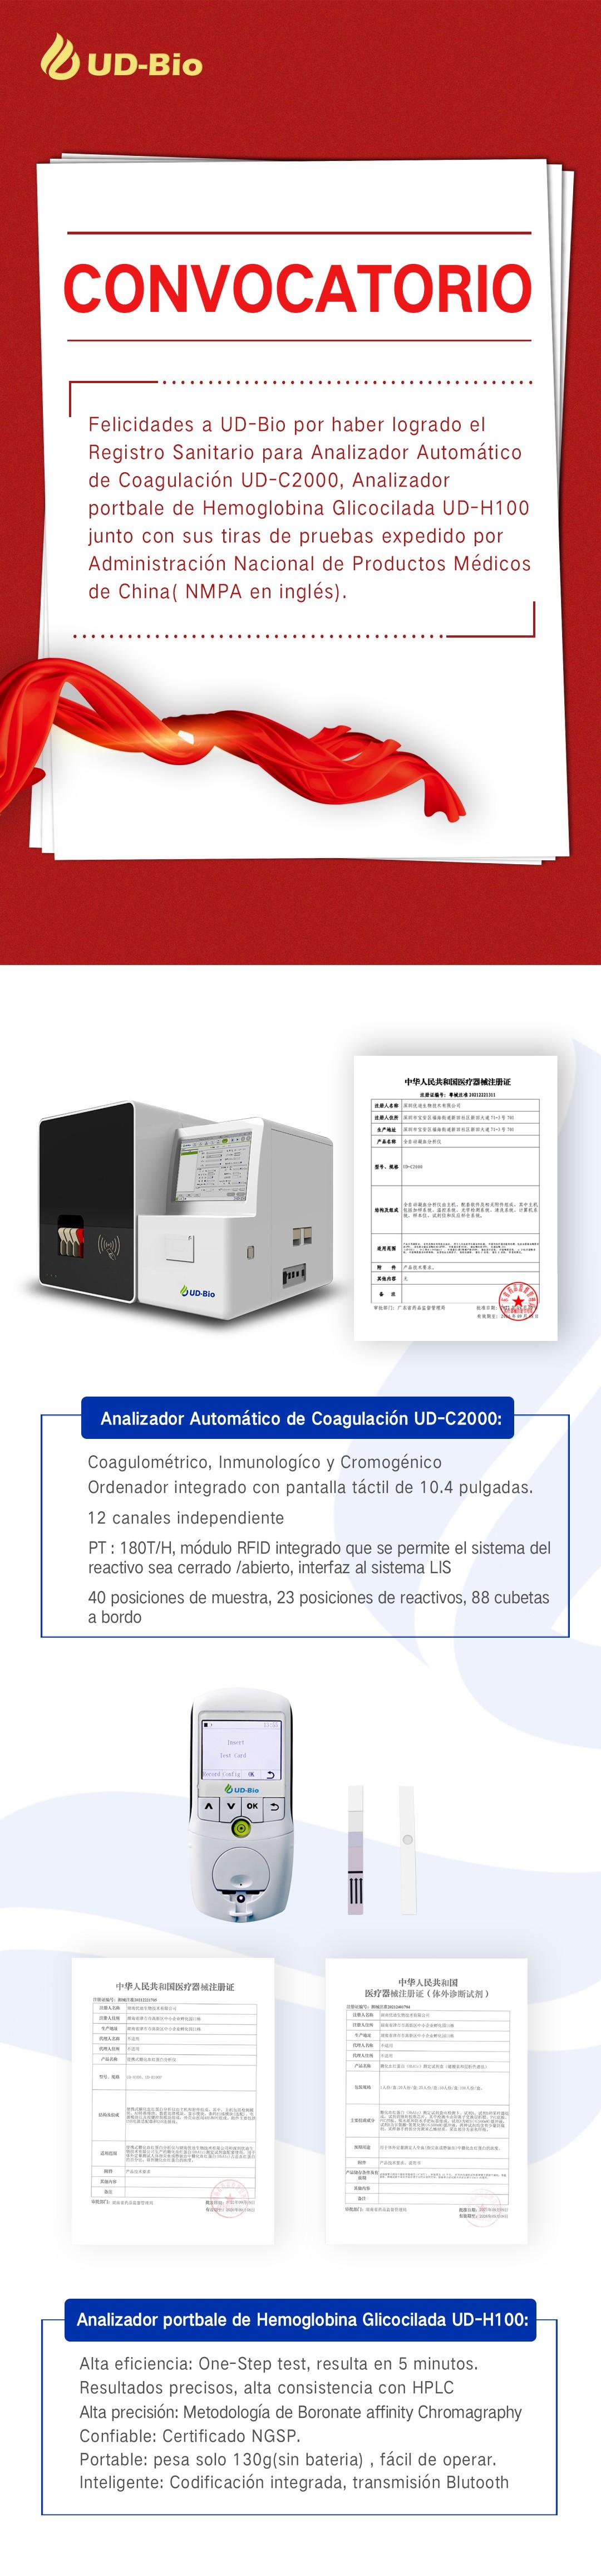 公众号-注册证-西班牙语.jpg